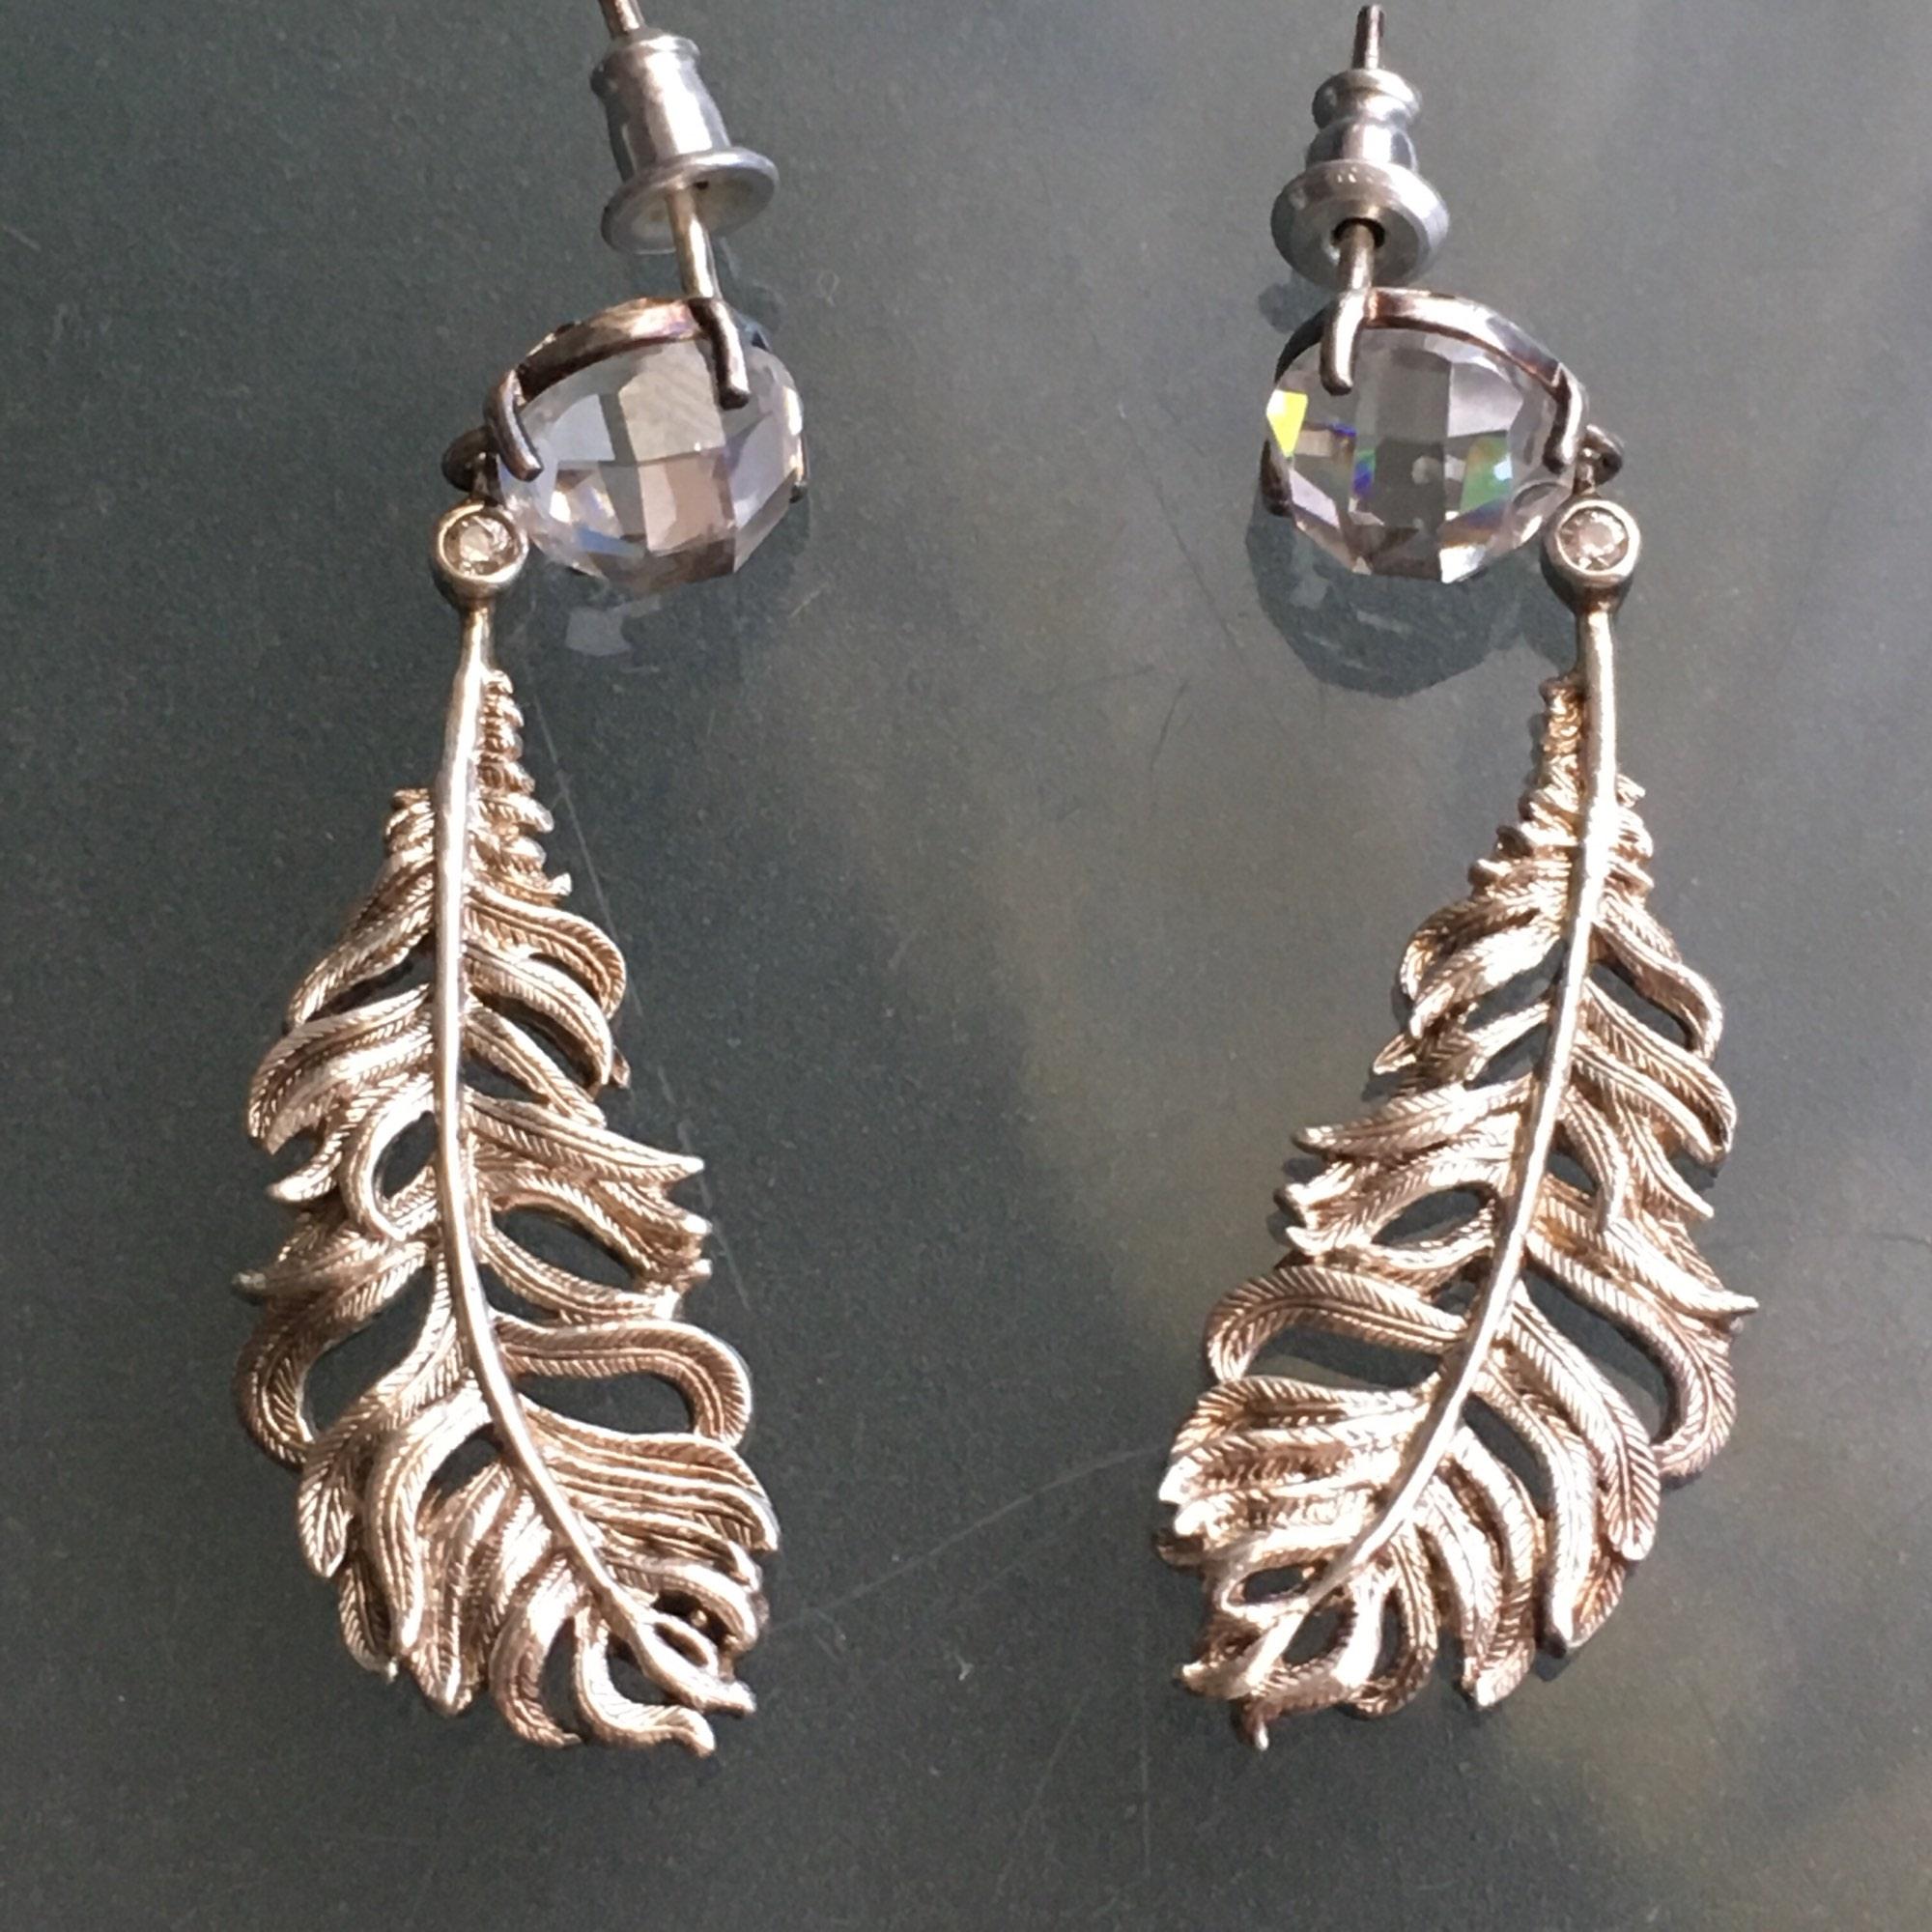 Boucles d'oreille THOMAS SABO Argenté, acier